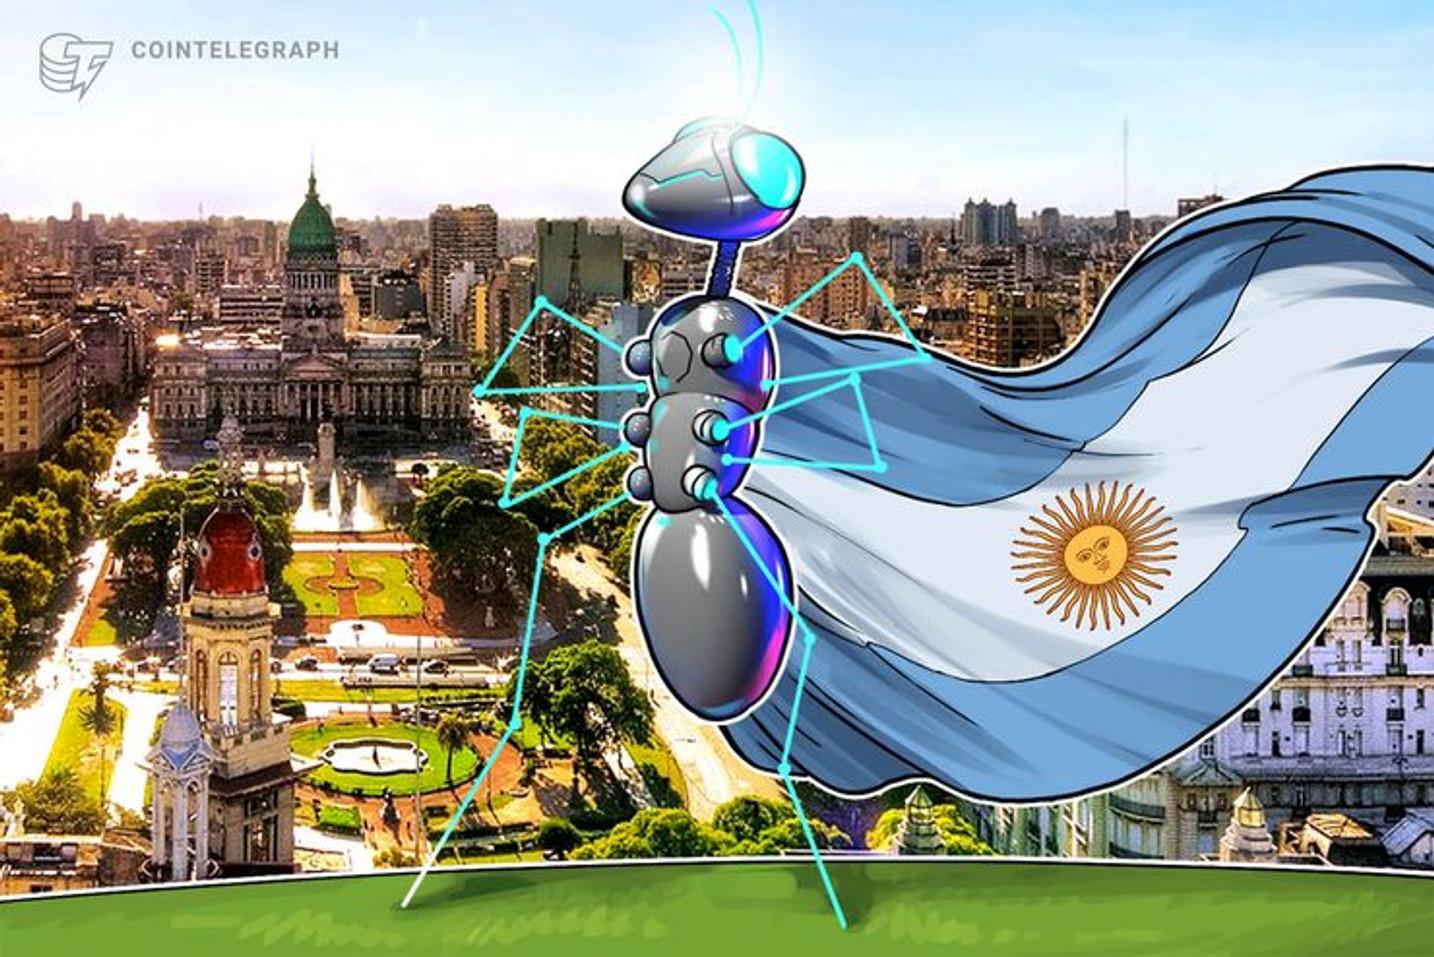 Impulsan un proyecto de ley para iniciar la discusión sobre criptomonedas en el Congreso de Argentina